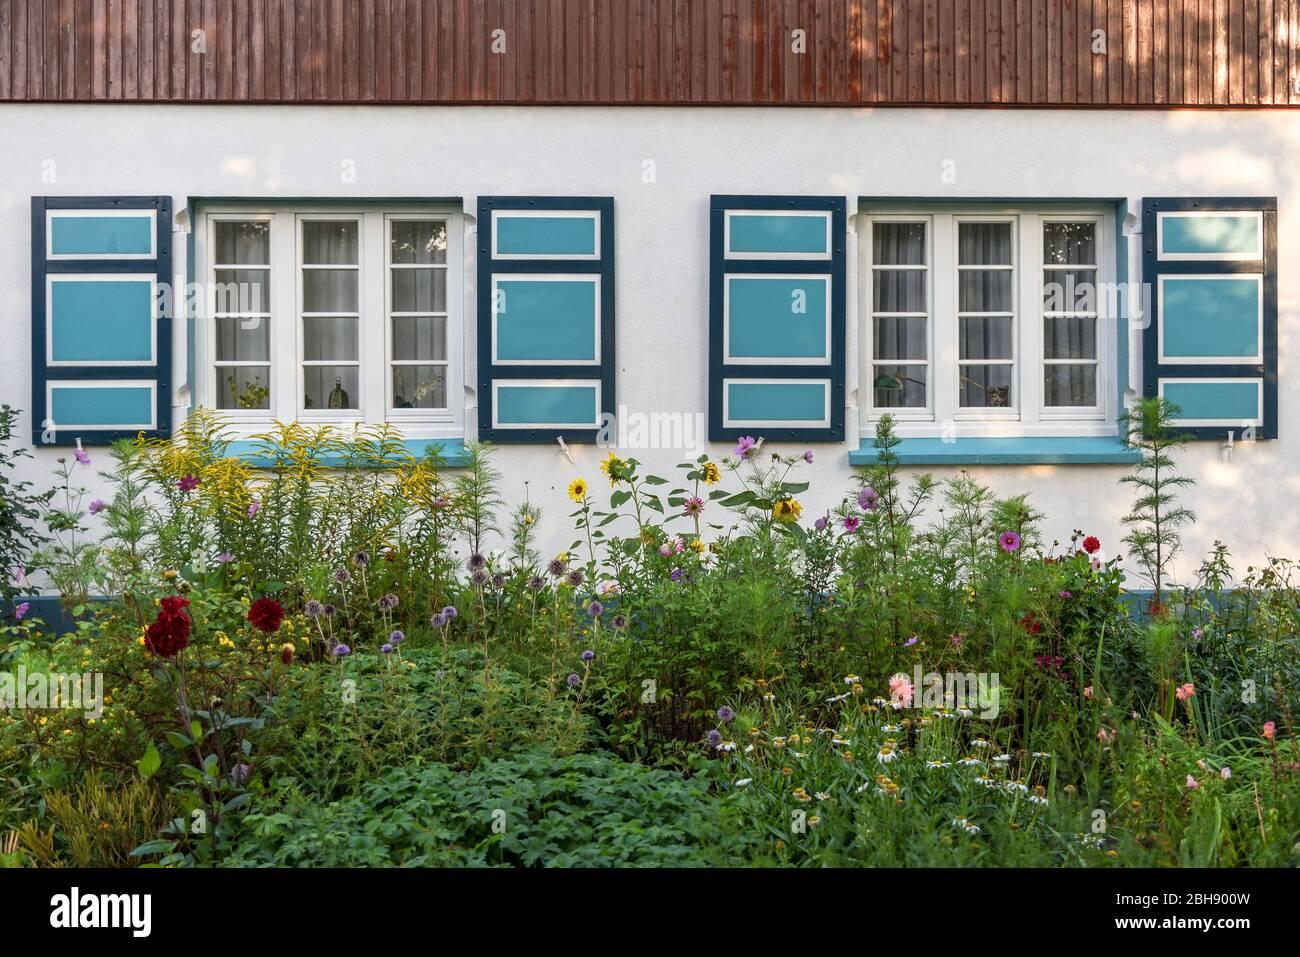 Hausfront mit bunten Fensterläden eines typischen Fischerhauses an der Ostsee auf dem Darß, Vorgarten mit bunten blühenden Sommerblumen Stock Photo